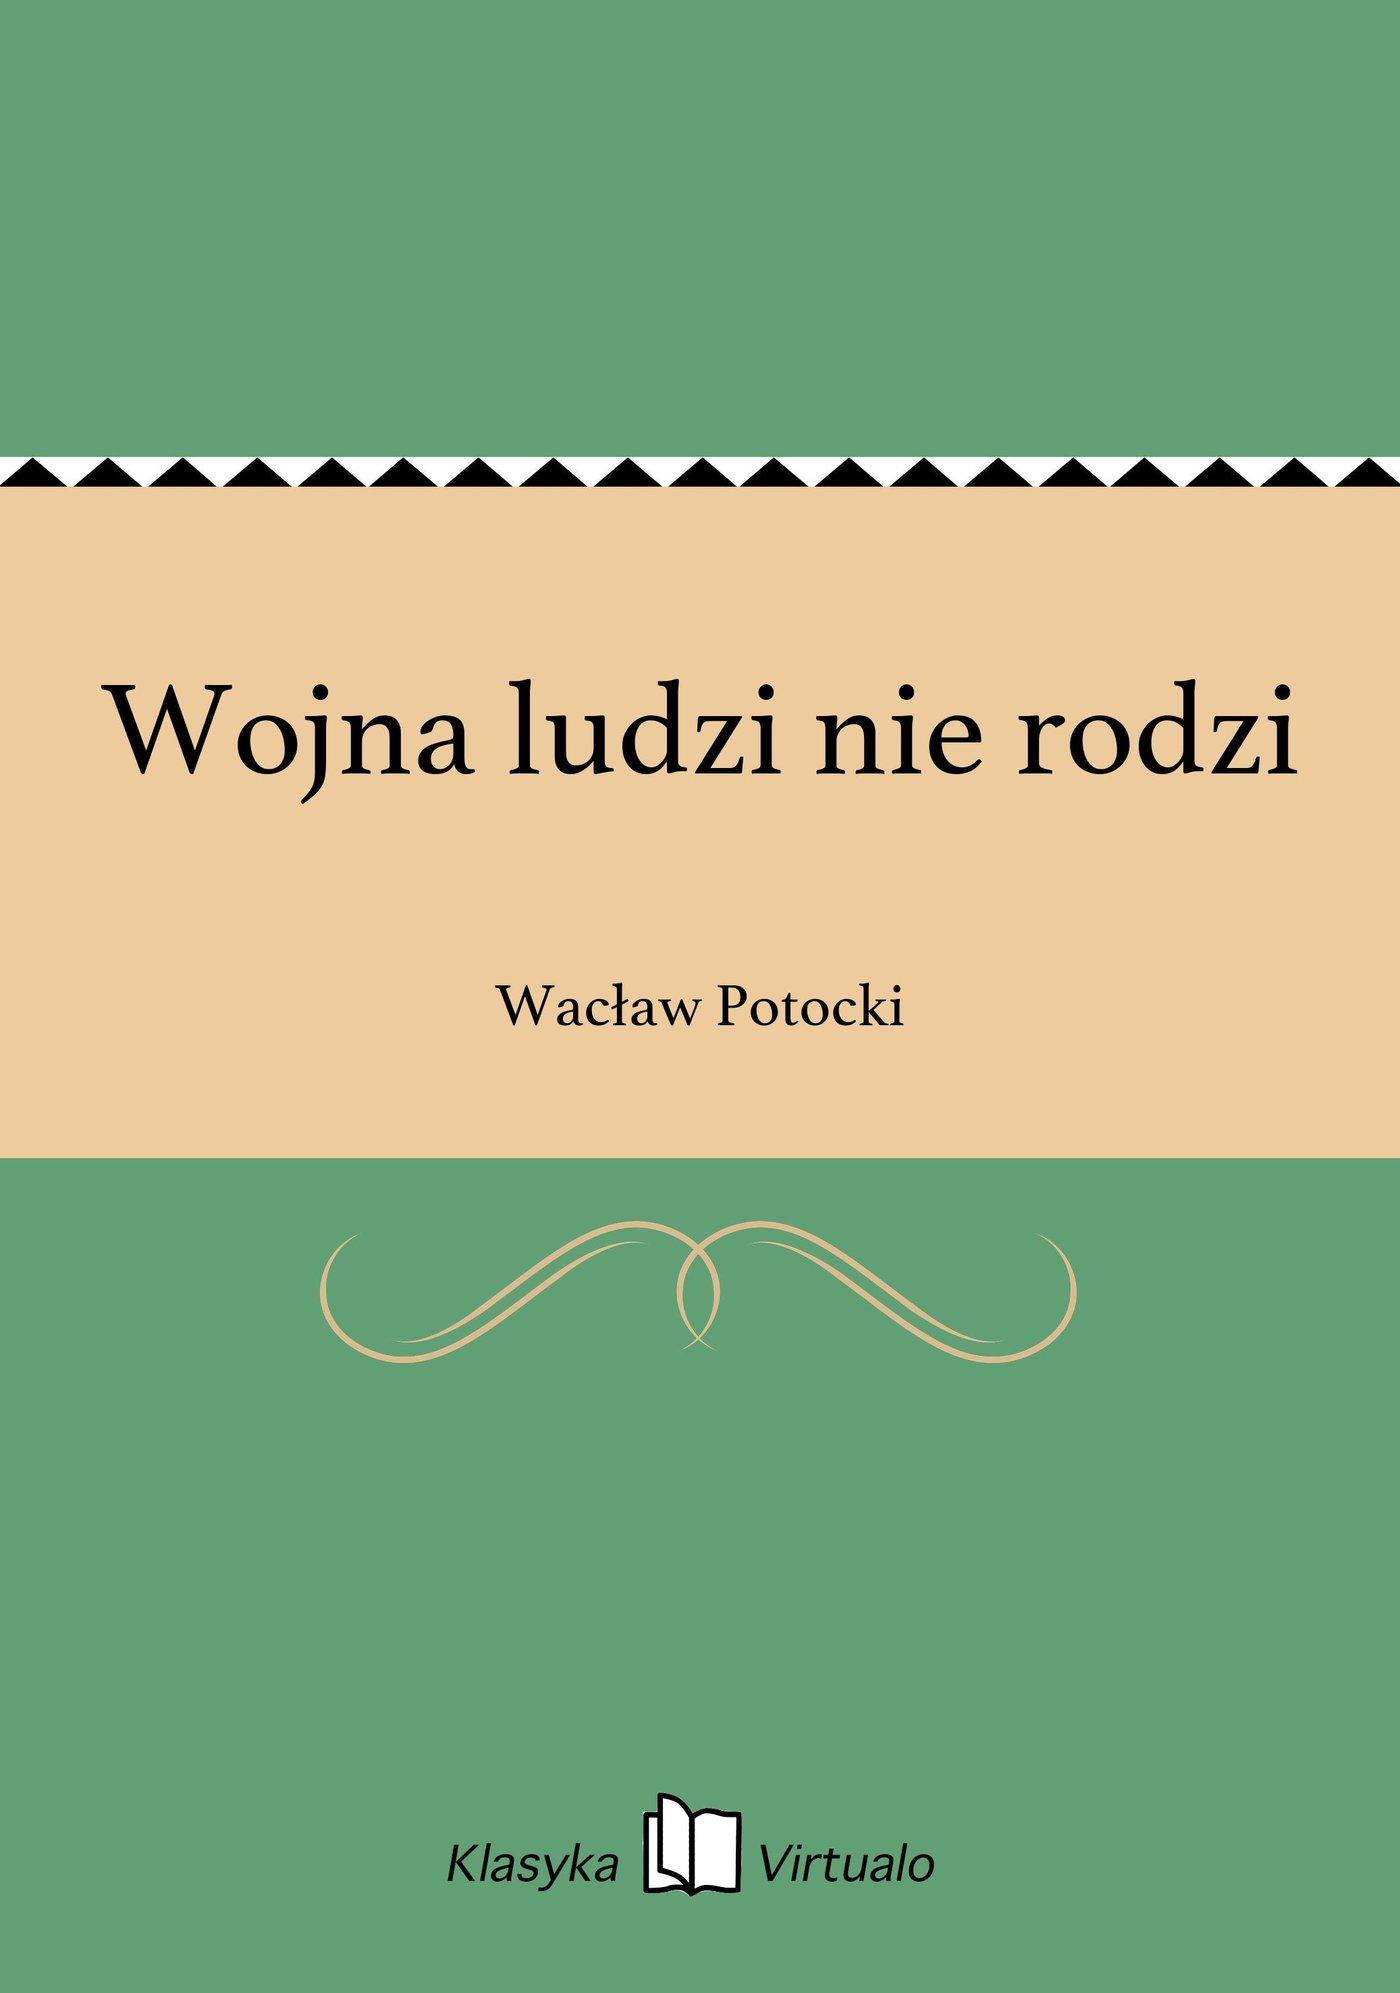 Wojna ludzi nie rodzi - Ebook (Książka EPUB) do pobrania w formacie EPUB